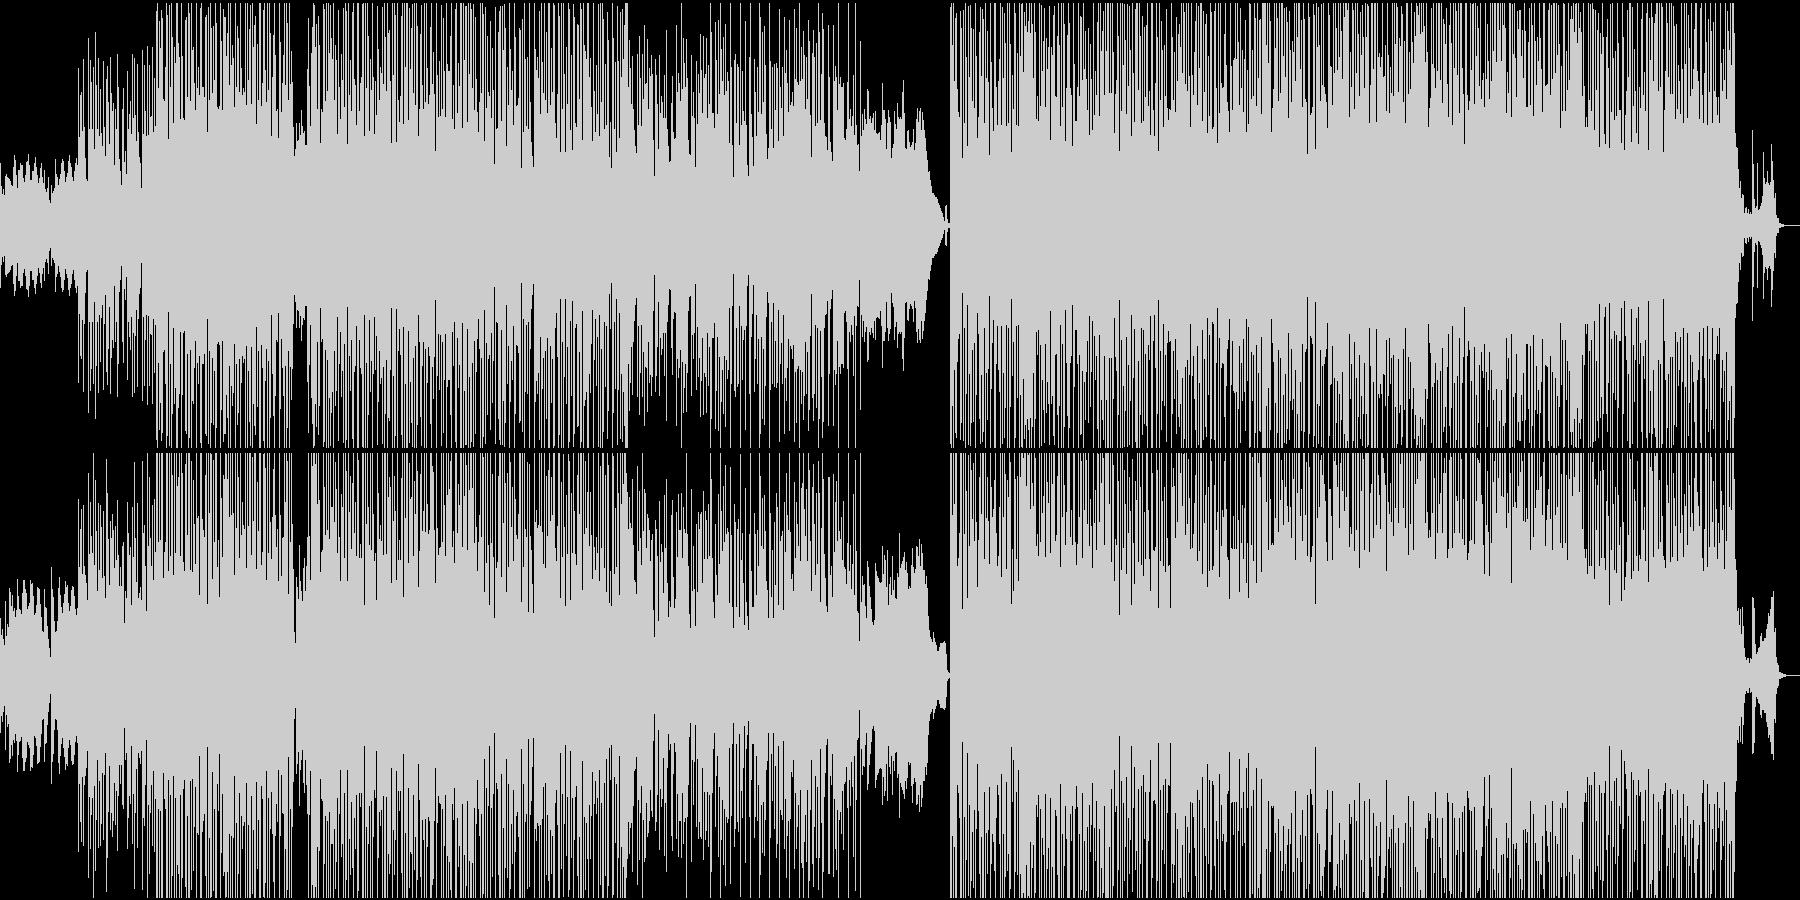 ビデオゲームスタイルのサウンドトラックの未再生の波形